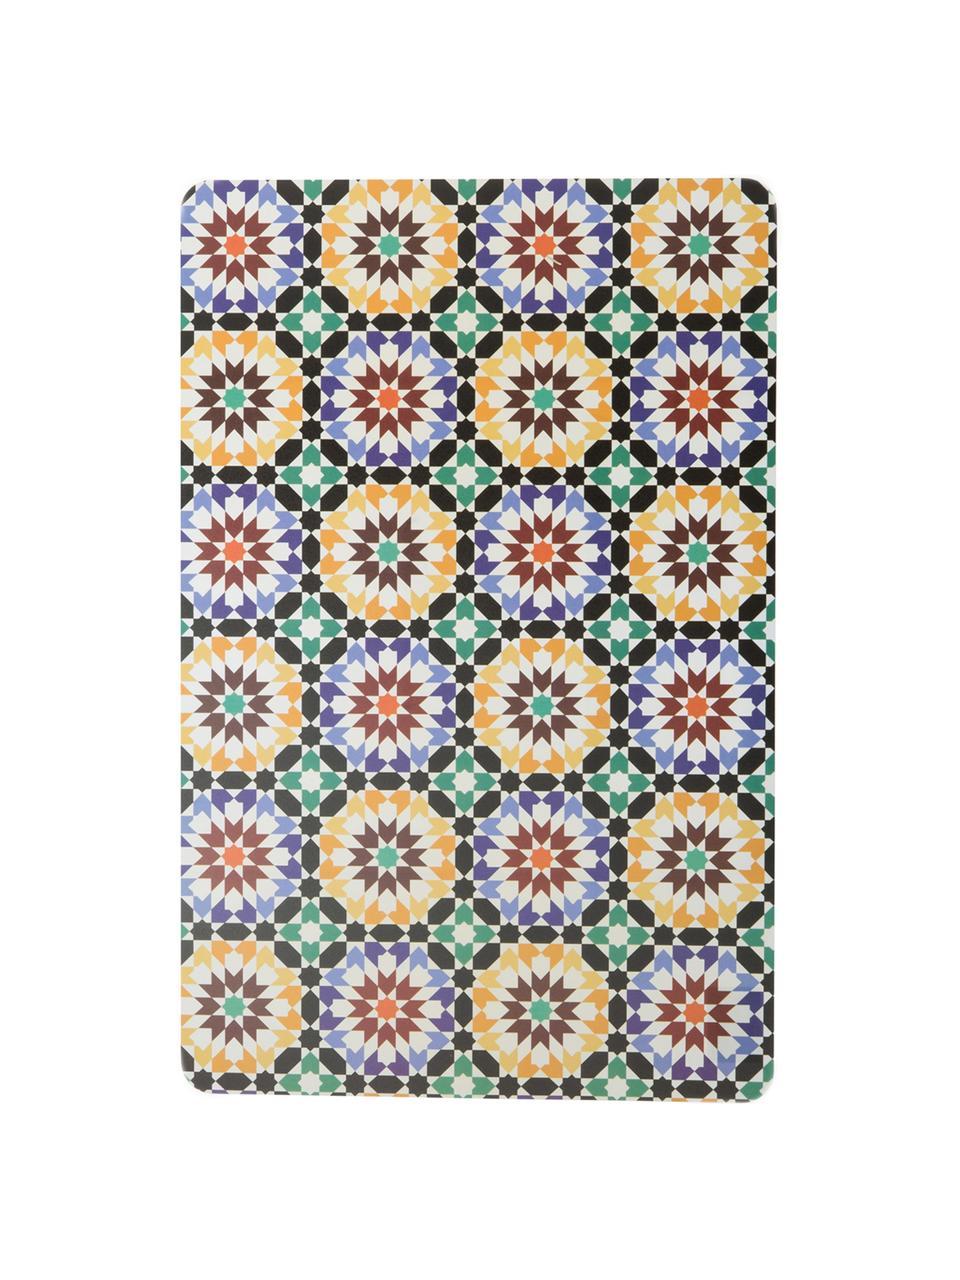 Beidseitig bedruckte Kunststoff Tischsets Marrakesch Doubleface, 6er Set, Kunststoff, Mehrfarbig, 30 x 45 cm